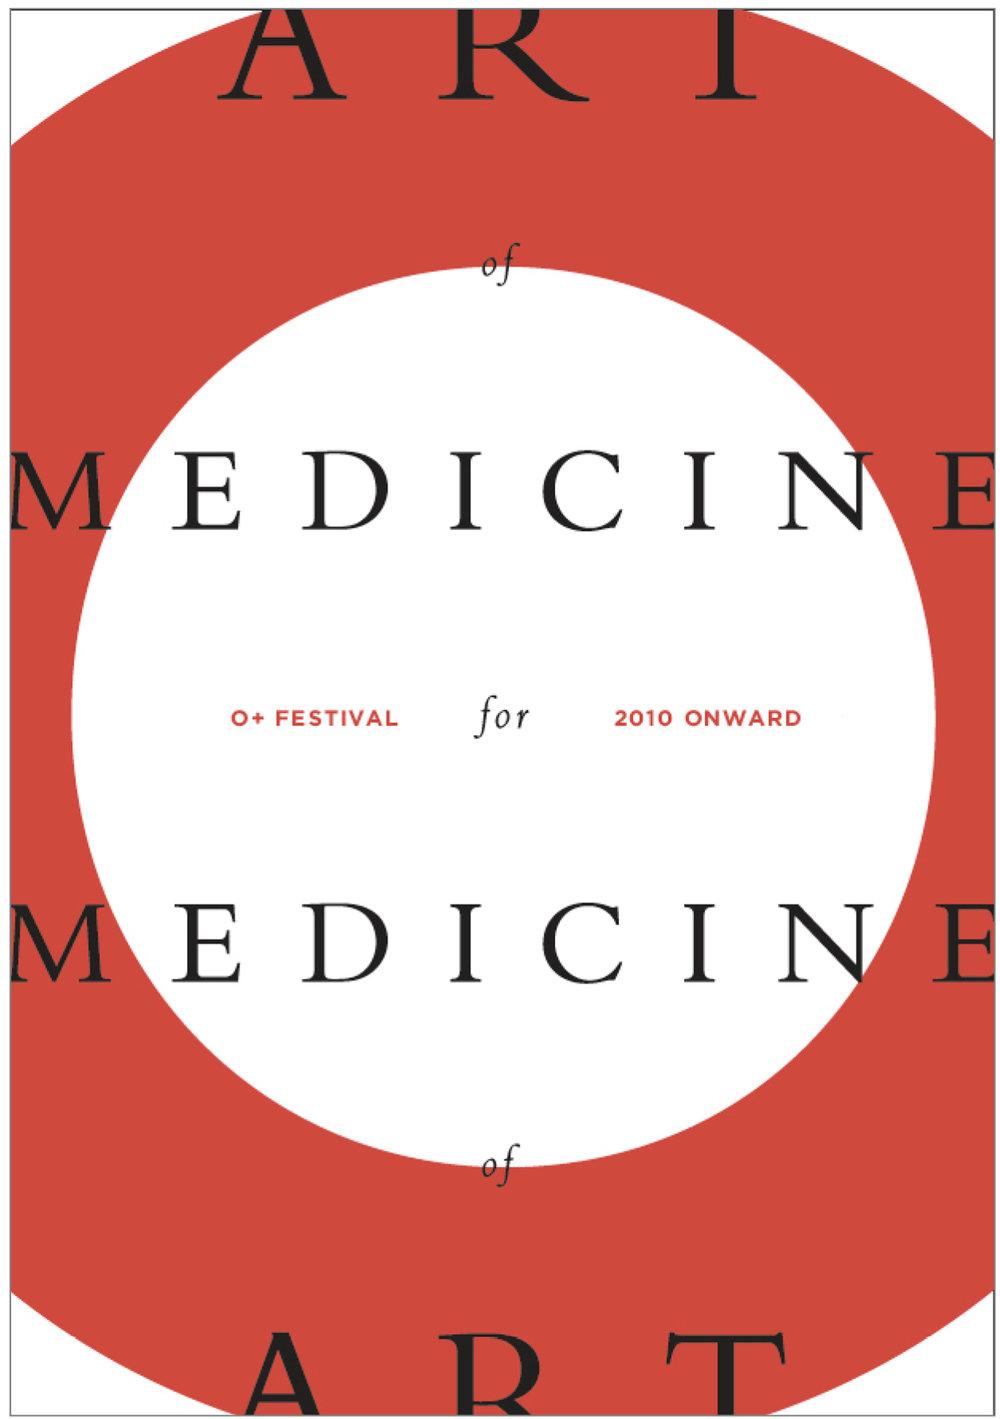 O+ festival art music health carla rozman graphic design